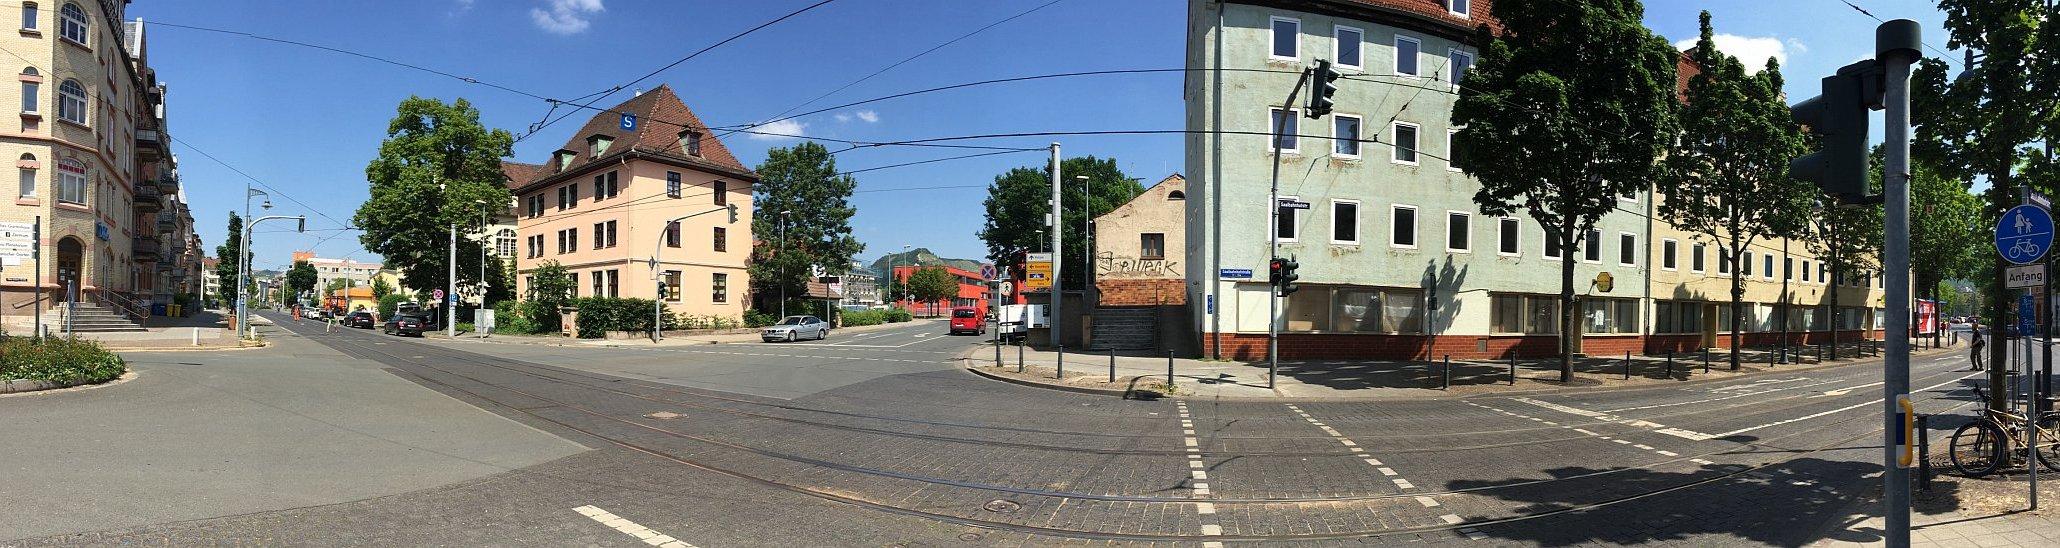 JEZT - Blich vom Damenviertel aus auf das neue Gefahrenabwehrzentrum - XXLFoto © MediaPool Jena